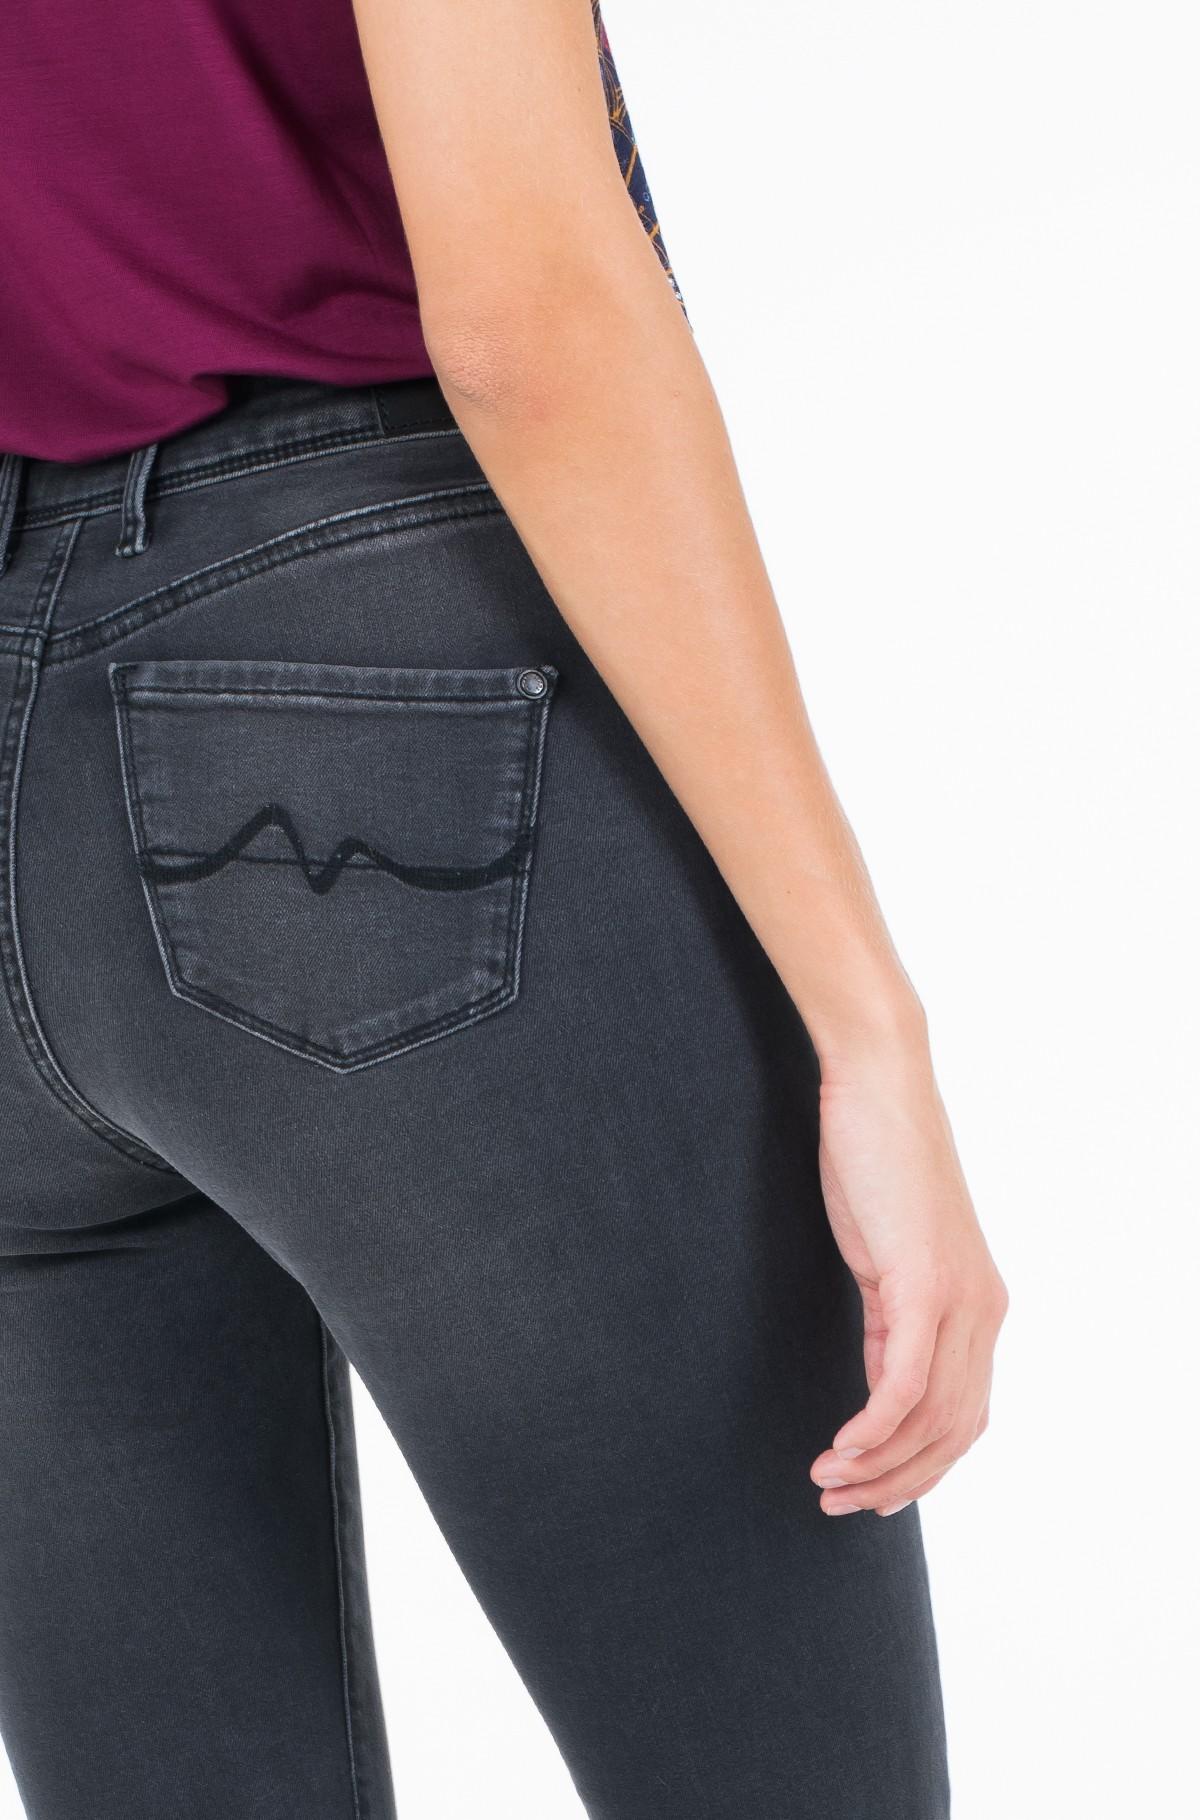 Jeans CHER HIGH/PL203384XA1-full-2